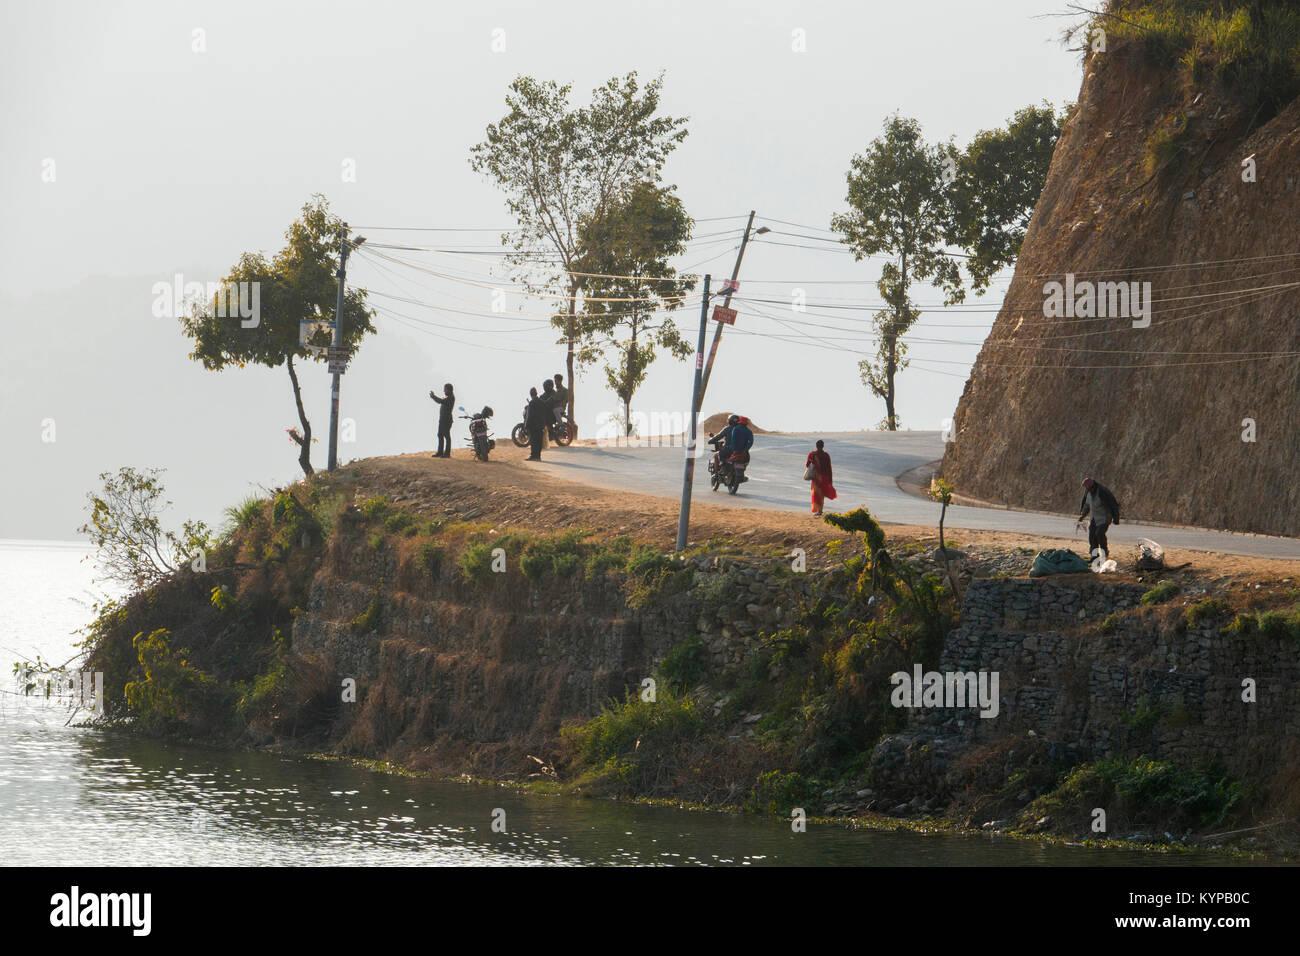 People walking on road around Phewa Lake, Pokhara, Nepal - Stock Image